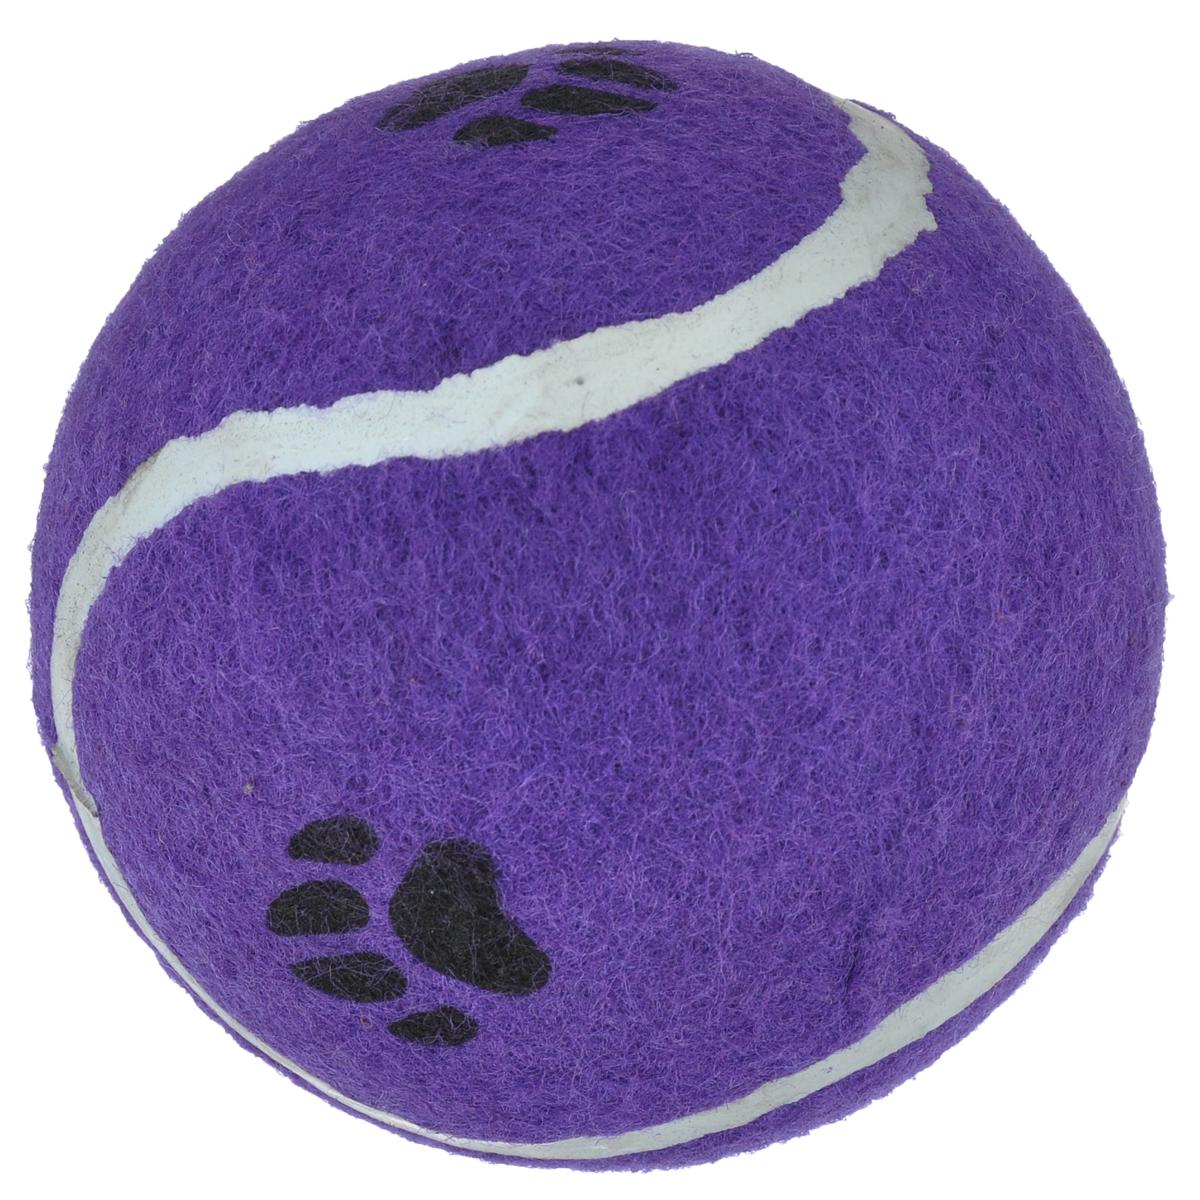 """Игрушка для собак I.P.T.S. """"Мячик теннисный с отпечатками лап"""", цвет: фиолетовый, диаметр 10 см"""